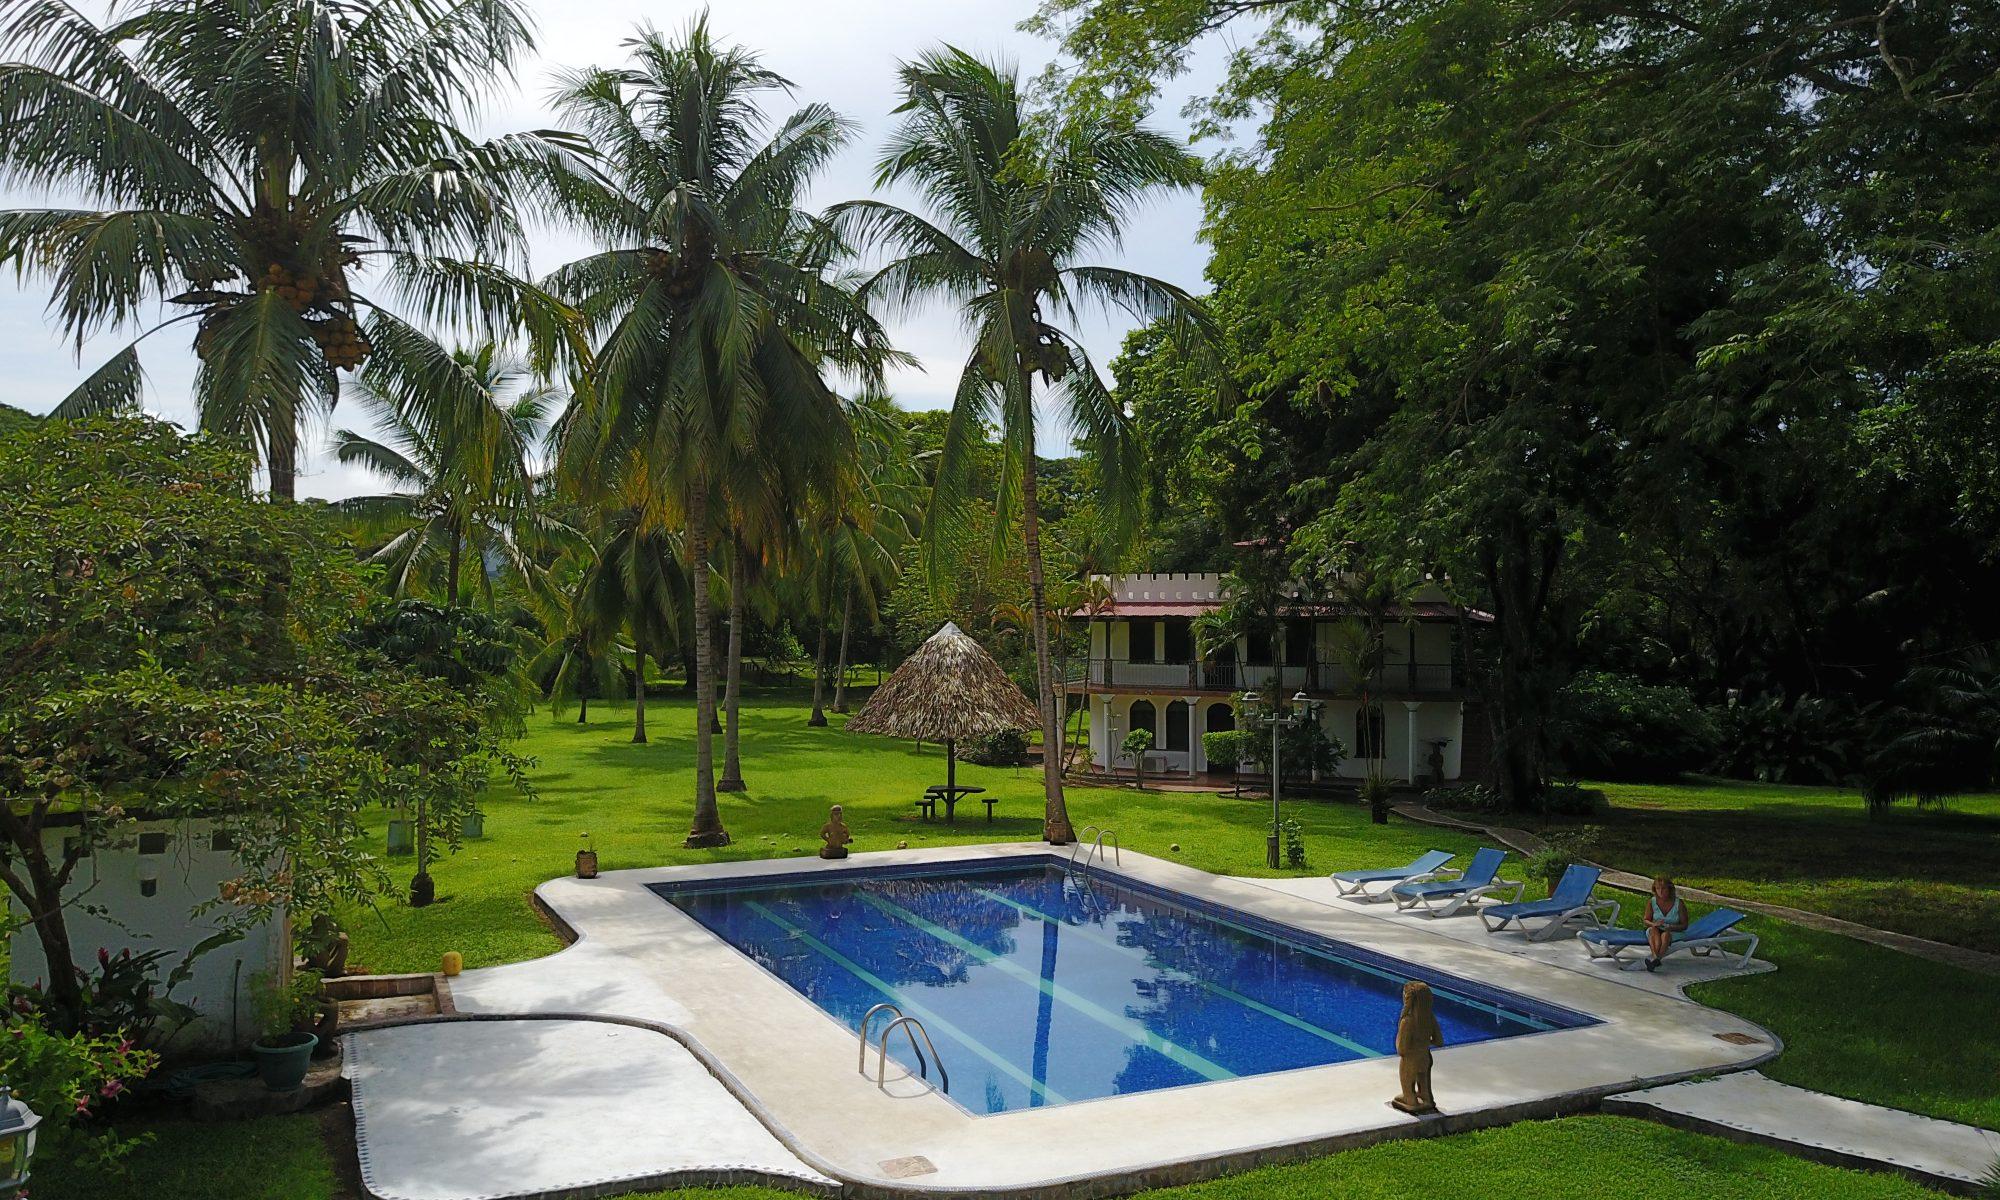 Pool of the hotel logde Paraíso del Cocodrilo